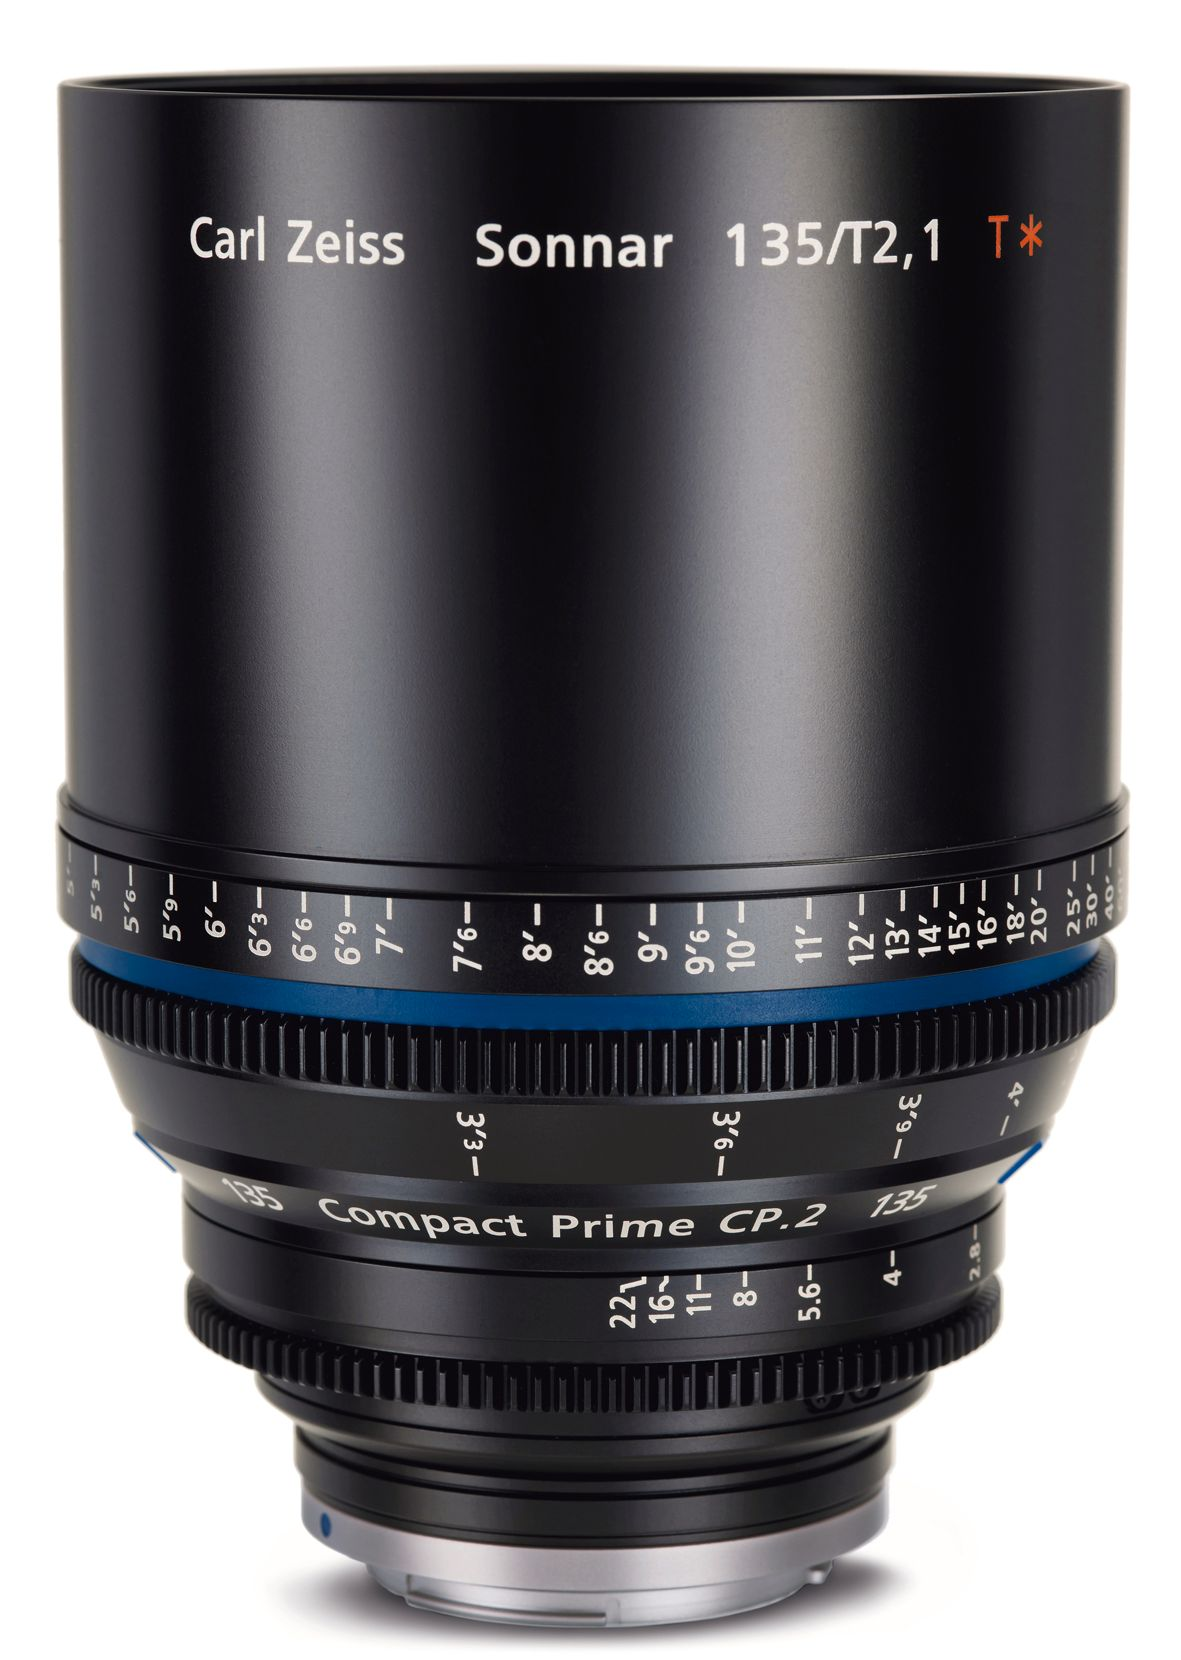 Carl Zeiss Compact Prime CP.2 135mm T2.1 passer kanskje bedre for deg som liker å stå litt lengre unna.